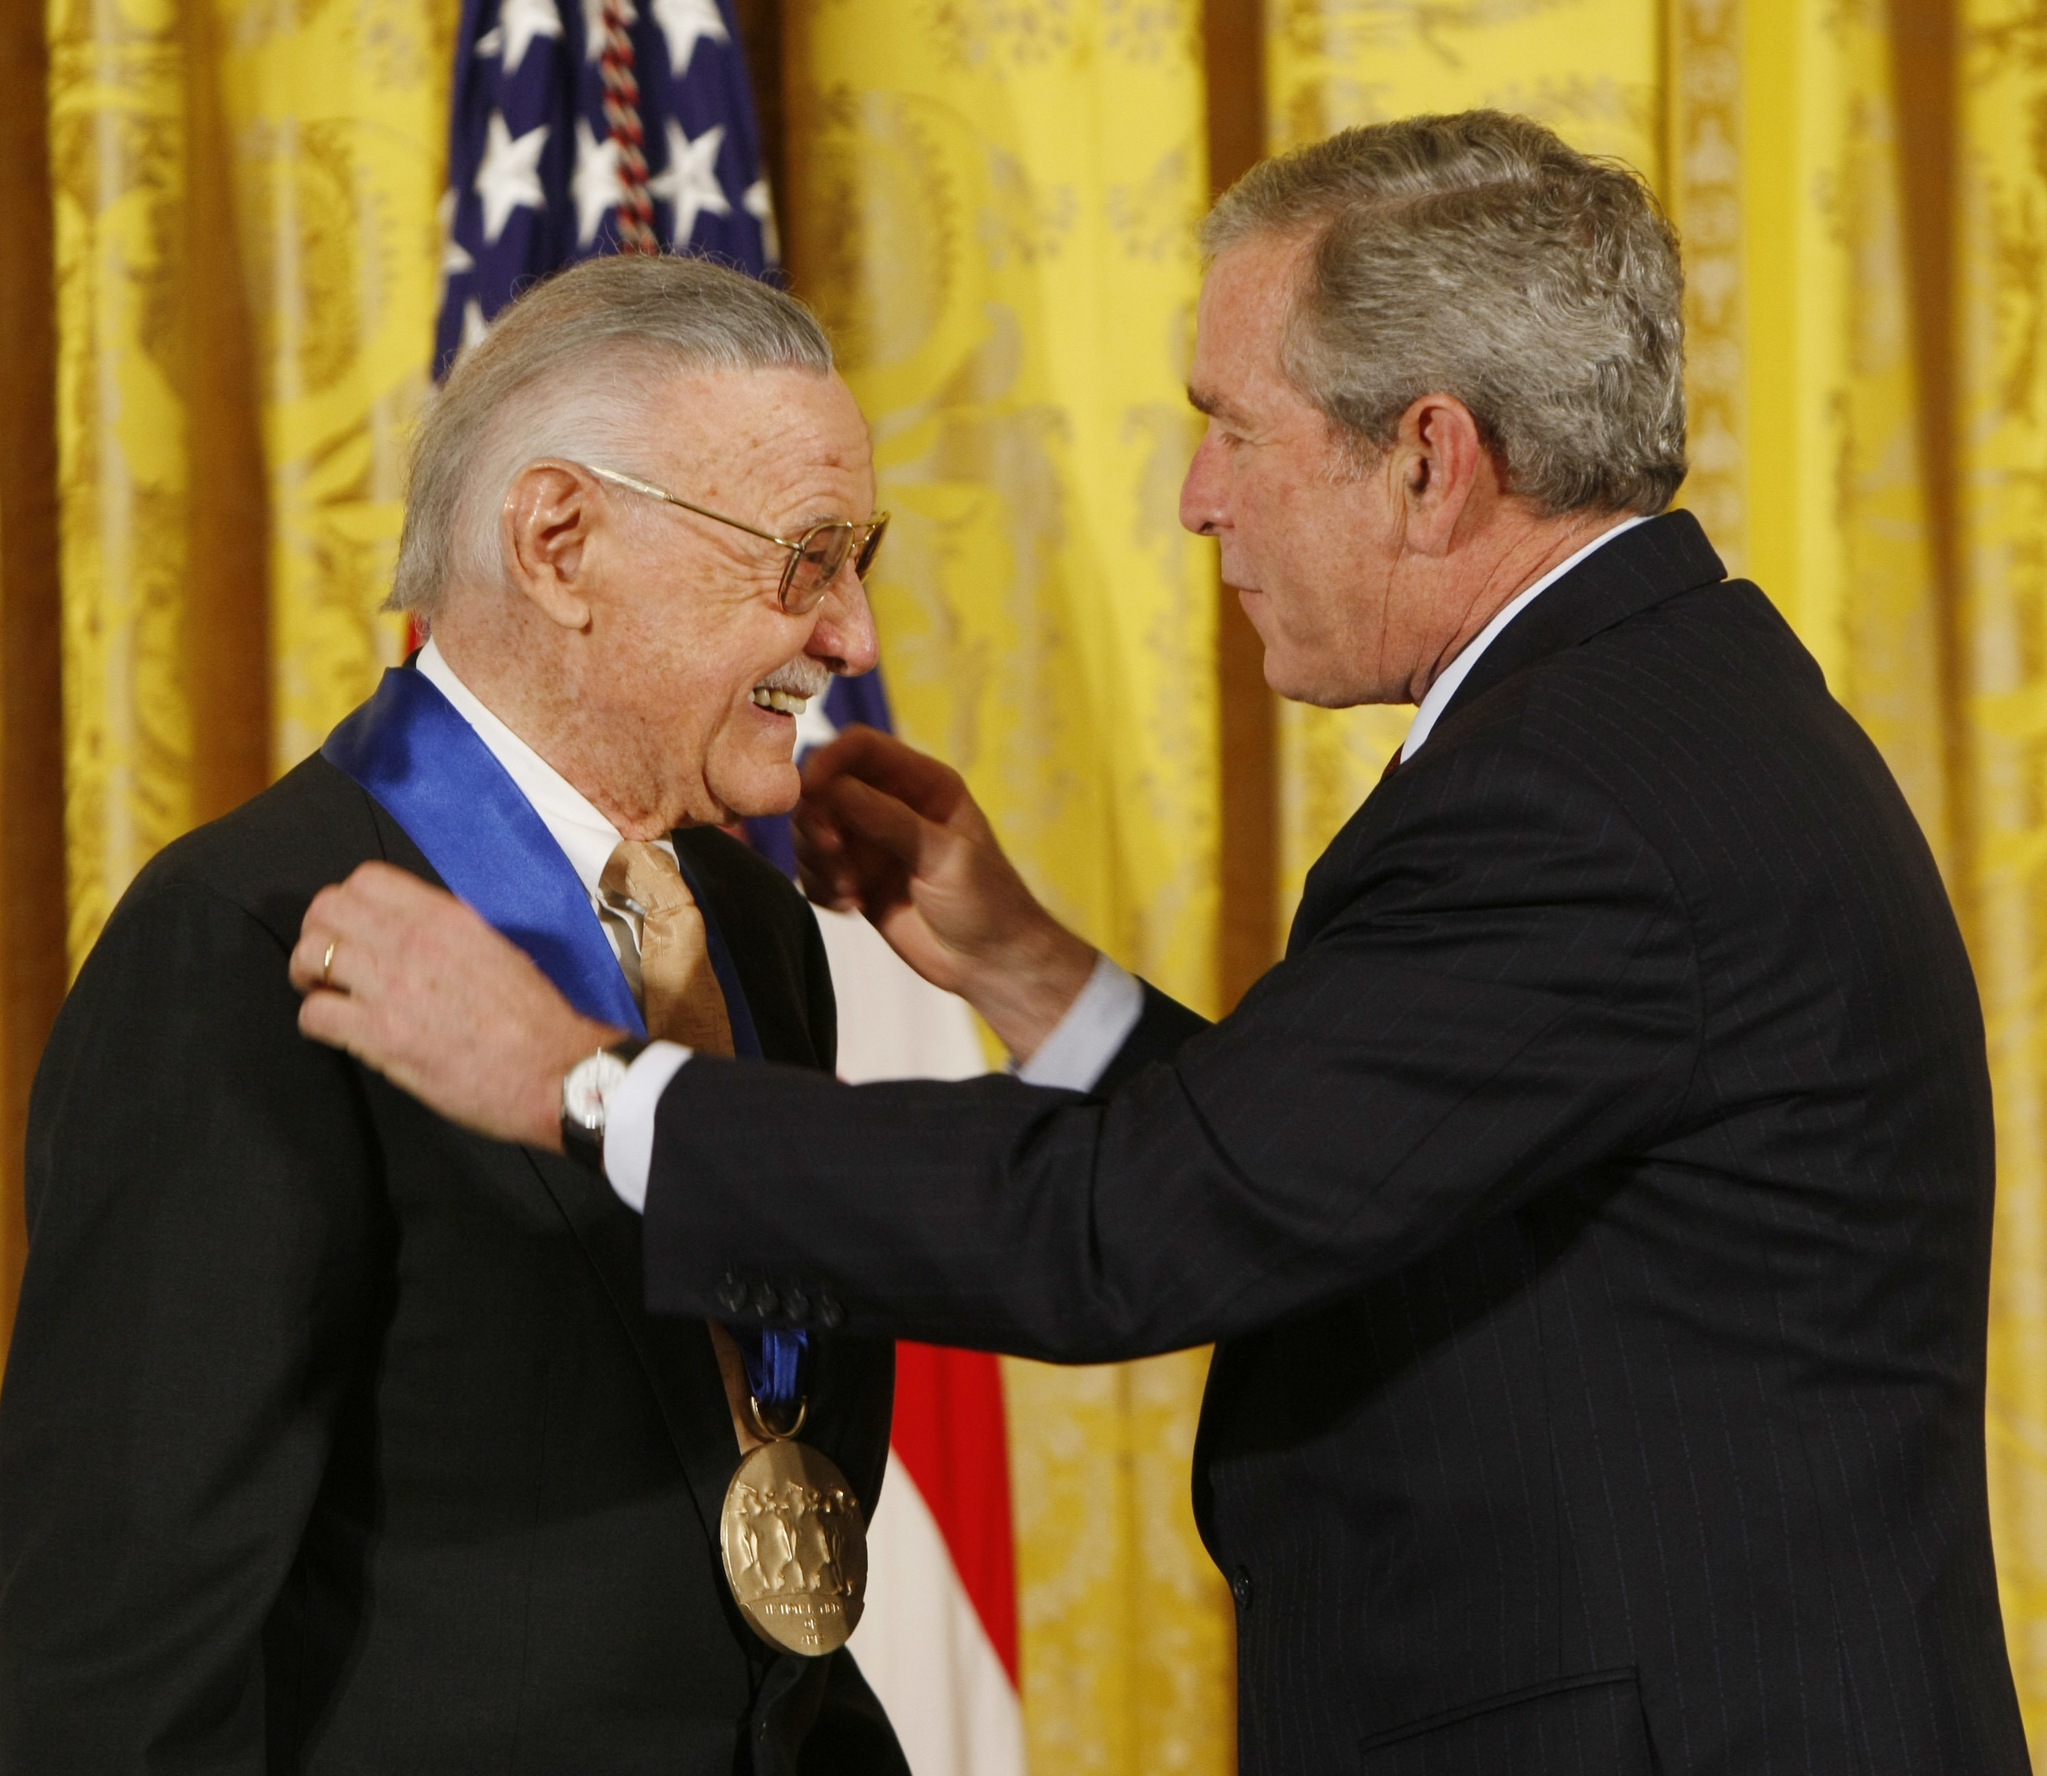 2008년 11월 17일 조지 W. 부시 미국 대통령이 워싱턴 백악관에서 스탠 리에게 미국 예술 훈장을 수여하고 있다. [AP=연합뉴스]